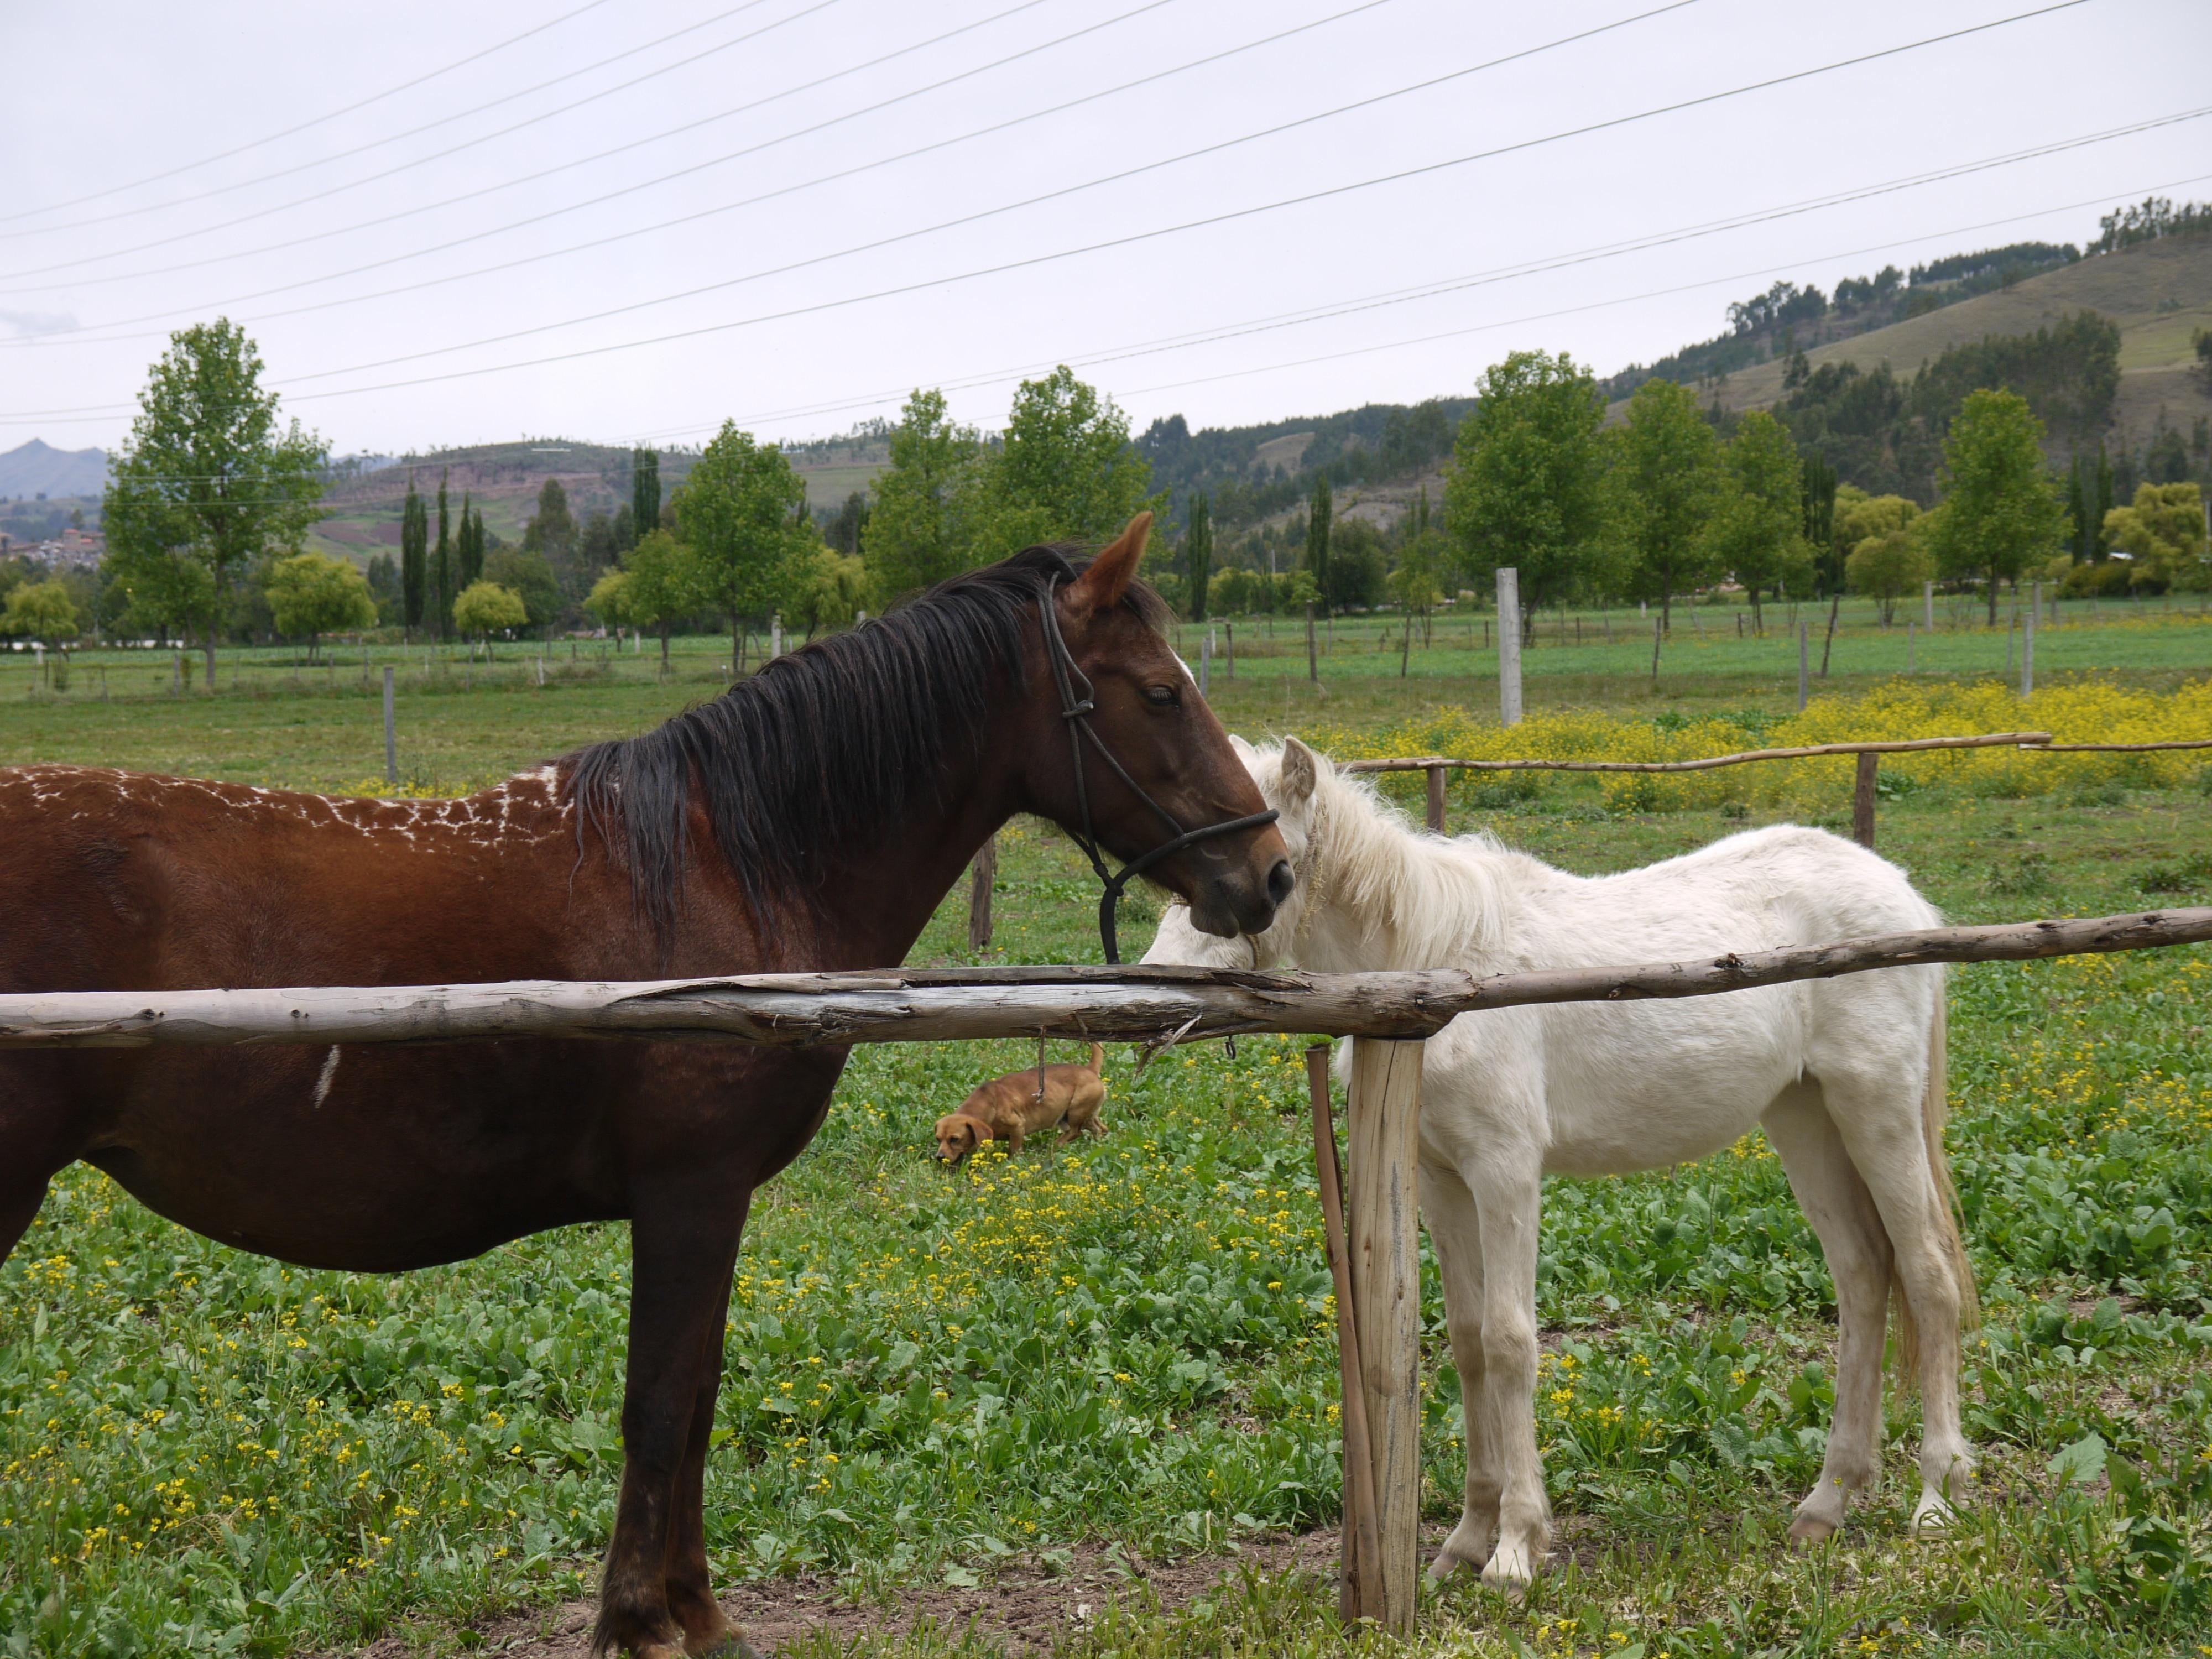 Volunteering with Horses in Peru